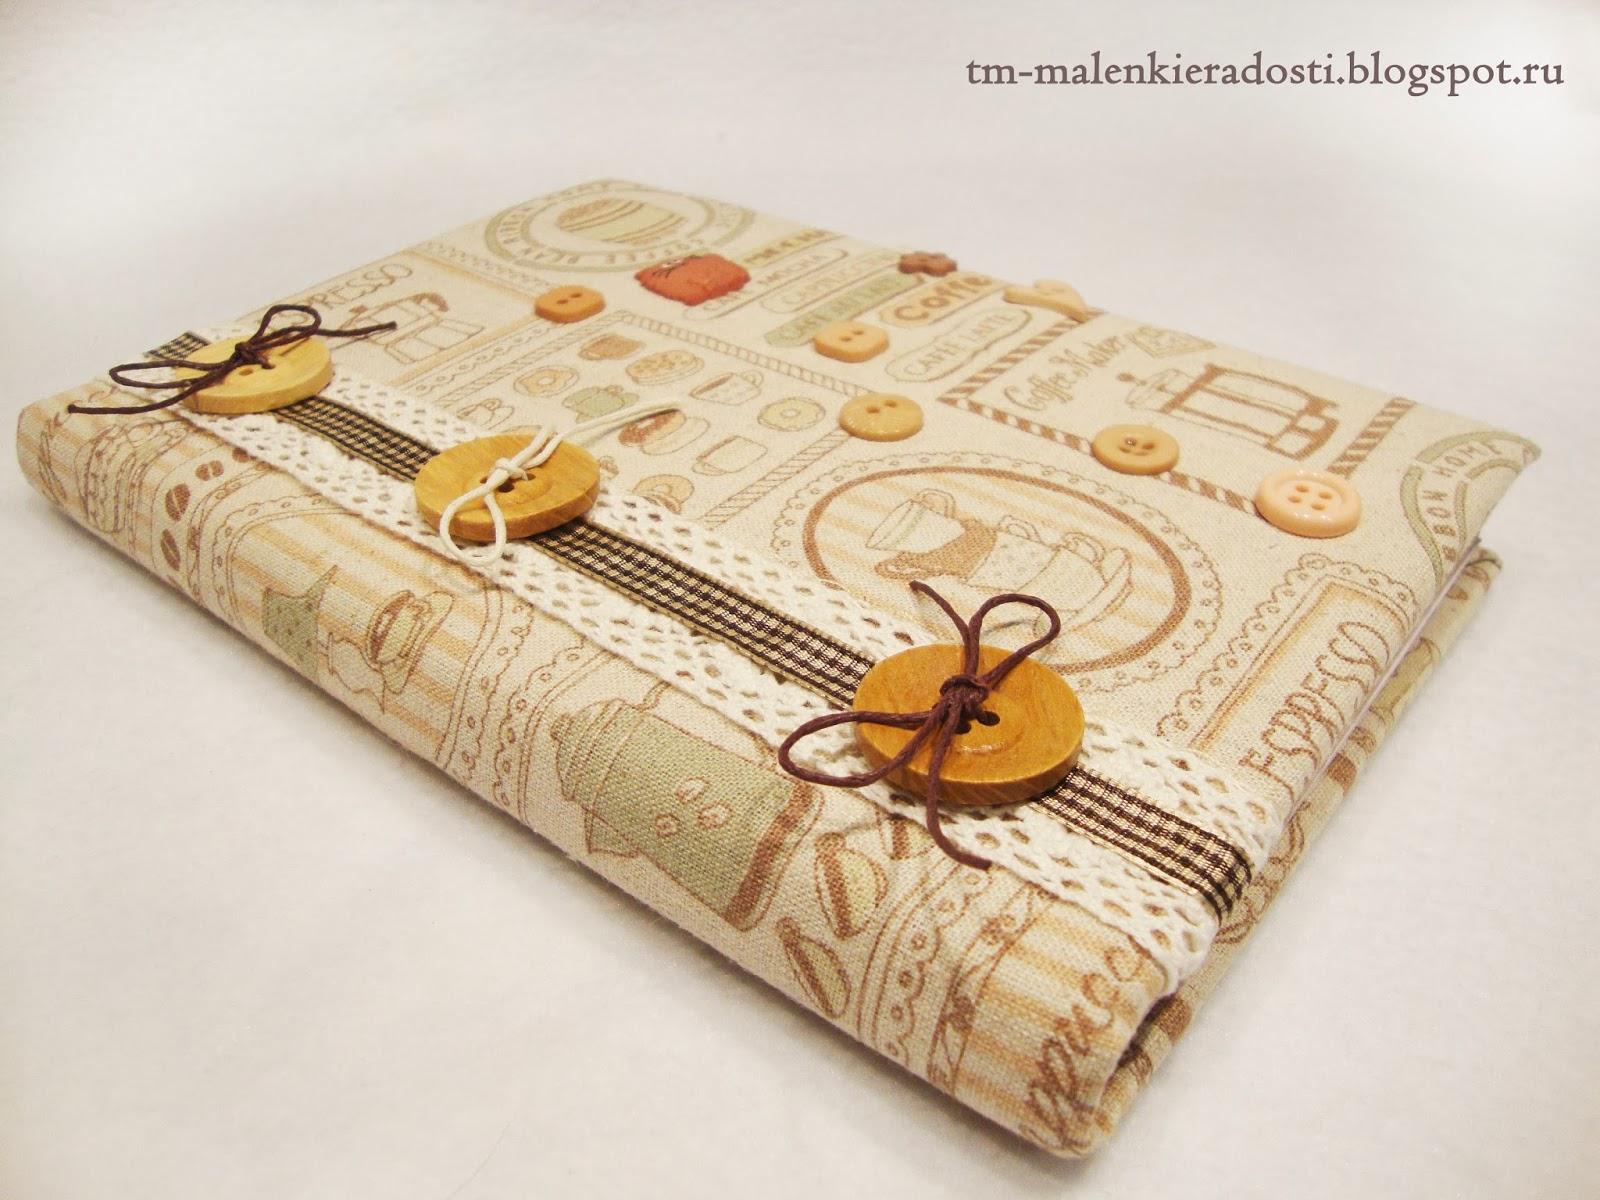 Кулинарная книга в текстильной обложке.